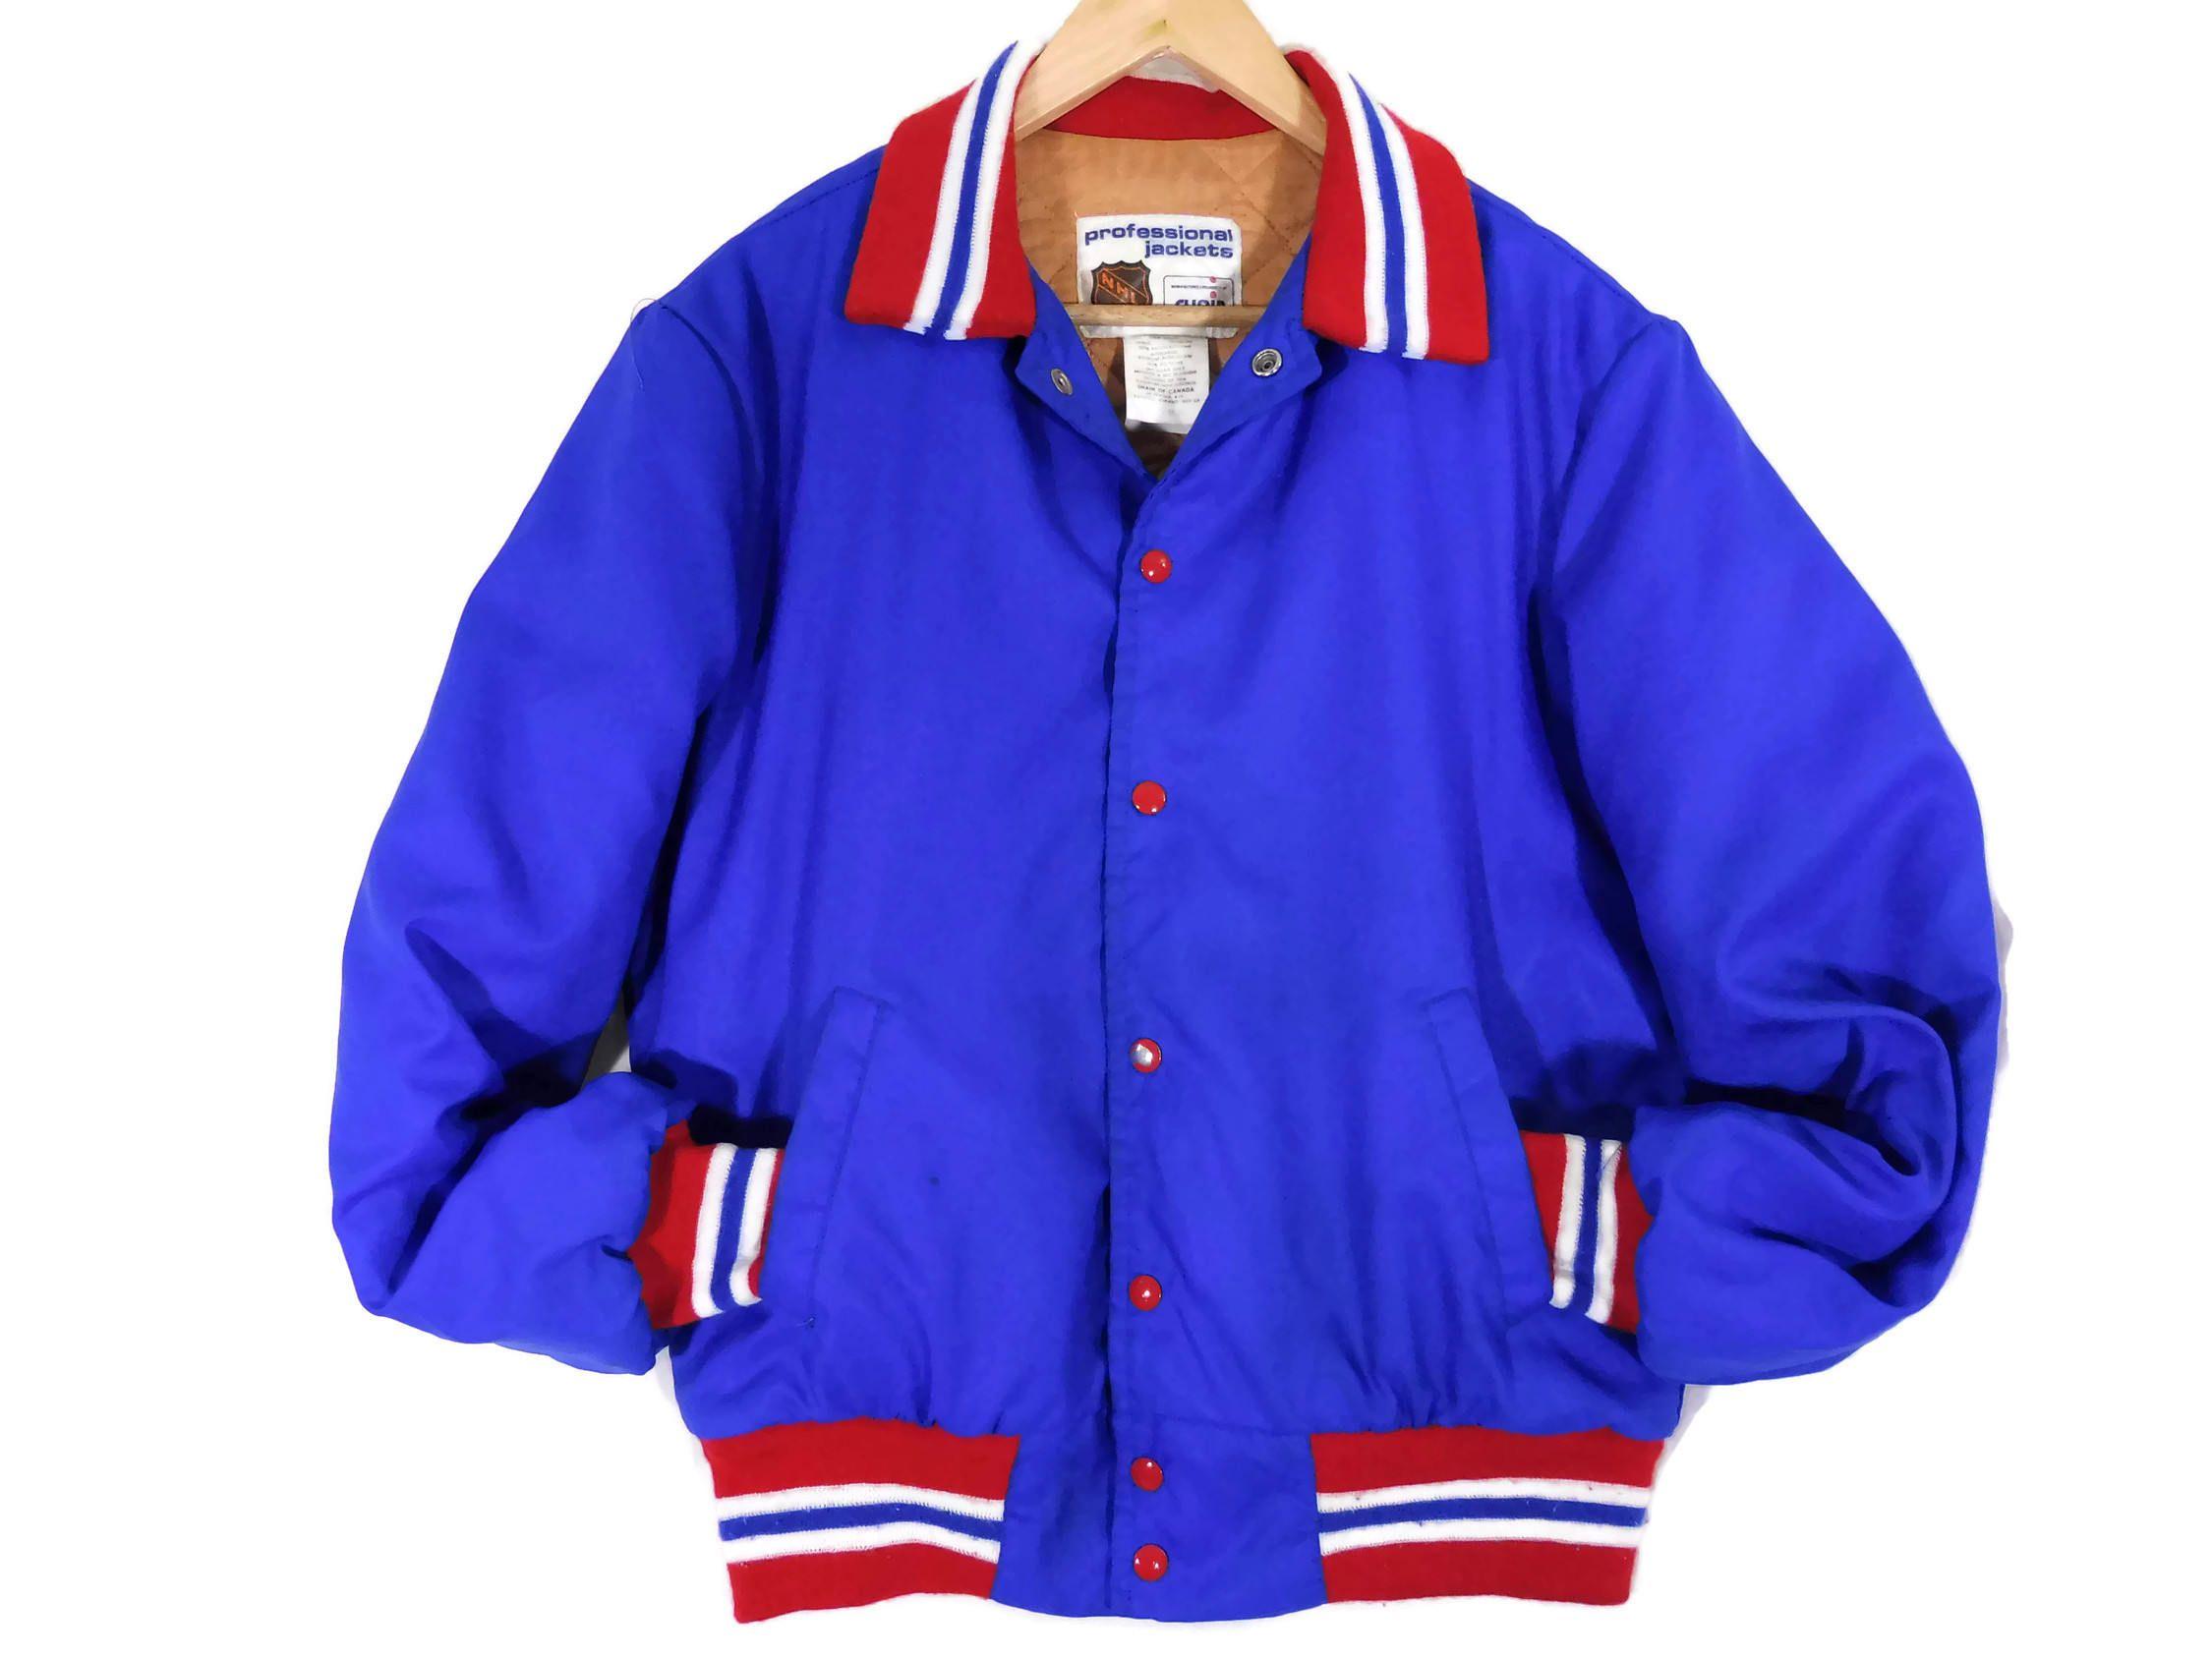 Vintage 80s Nhl Hockey Bomber Jacket Medium Mens Shain Etsy Jackets Canadian Clothing Jacket Canada